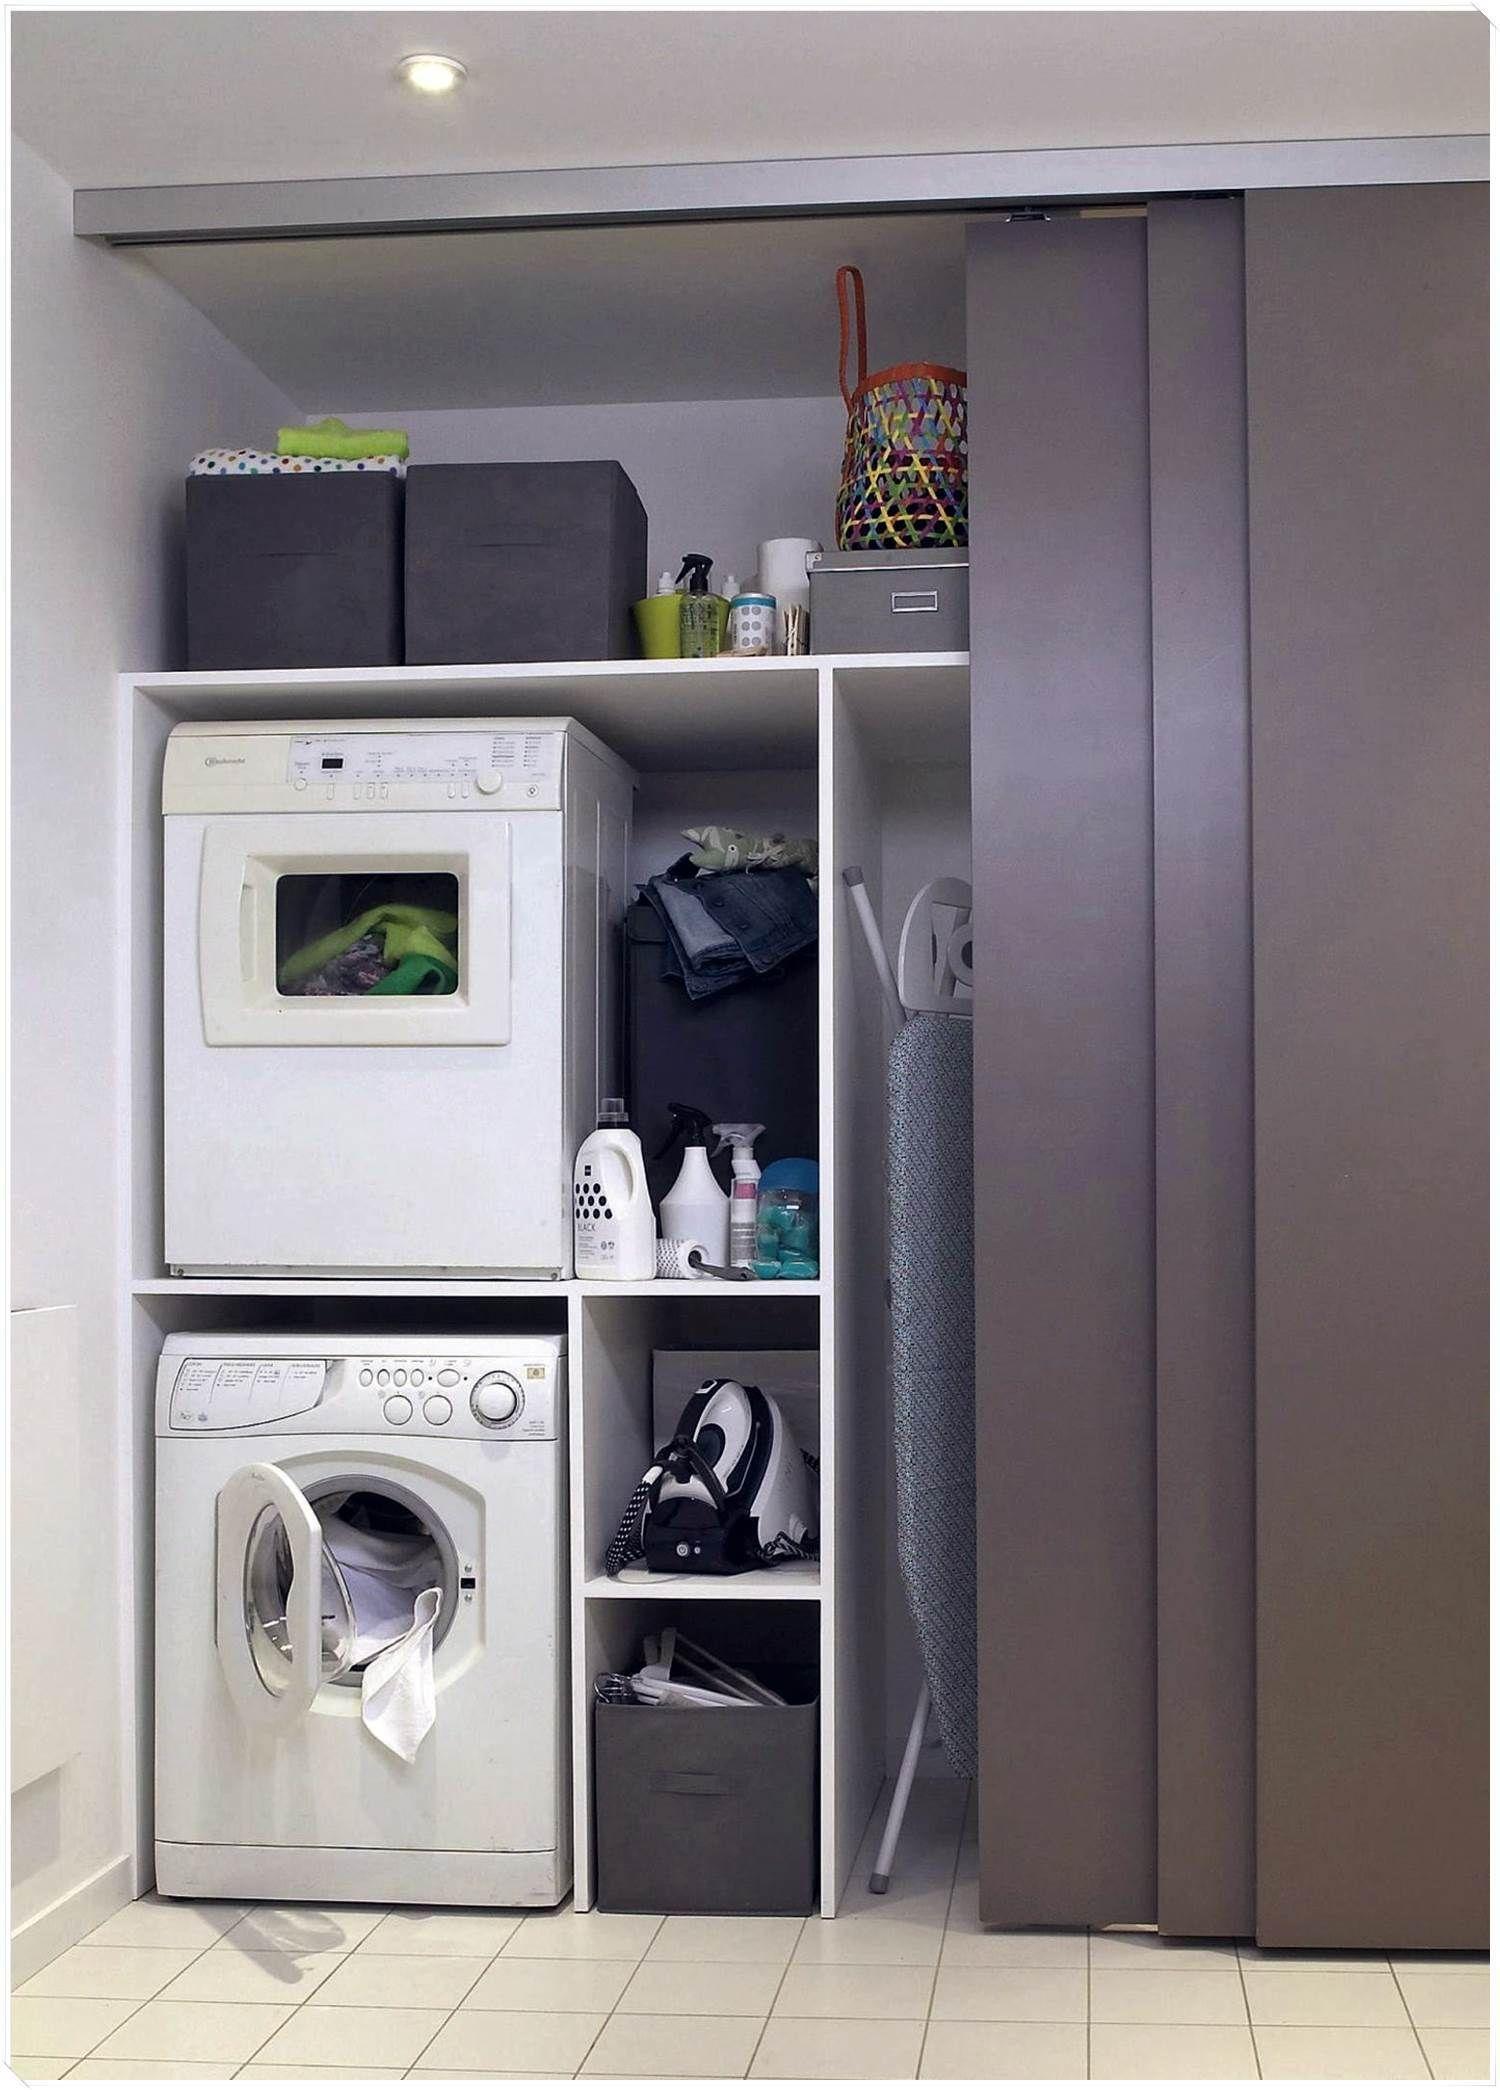 Attrayant De Maison Decoration Murale Vers Lave Linge Encastrable Ikea Aboutshiva Com Wasruimte Opslag Wasruimte Inrichting Kleine Wasruimtes